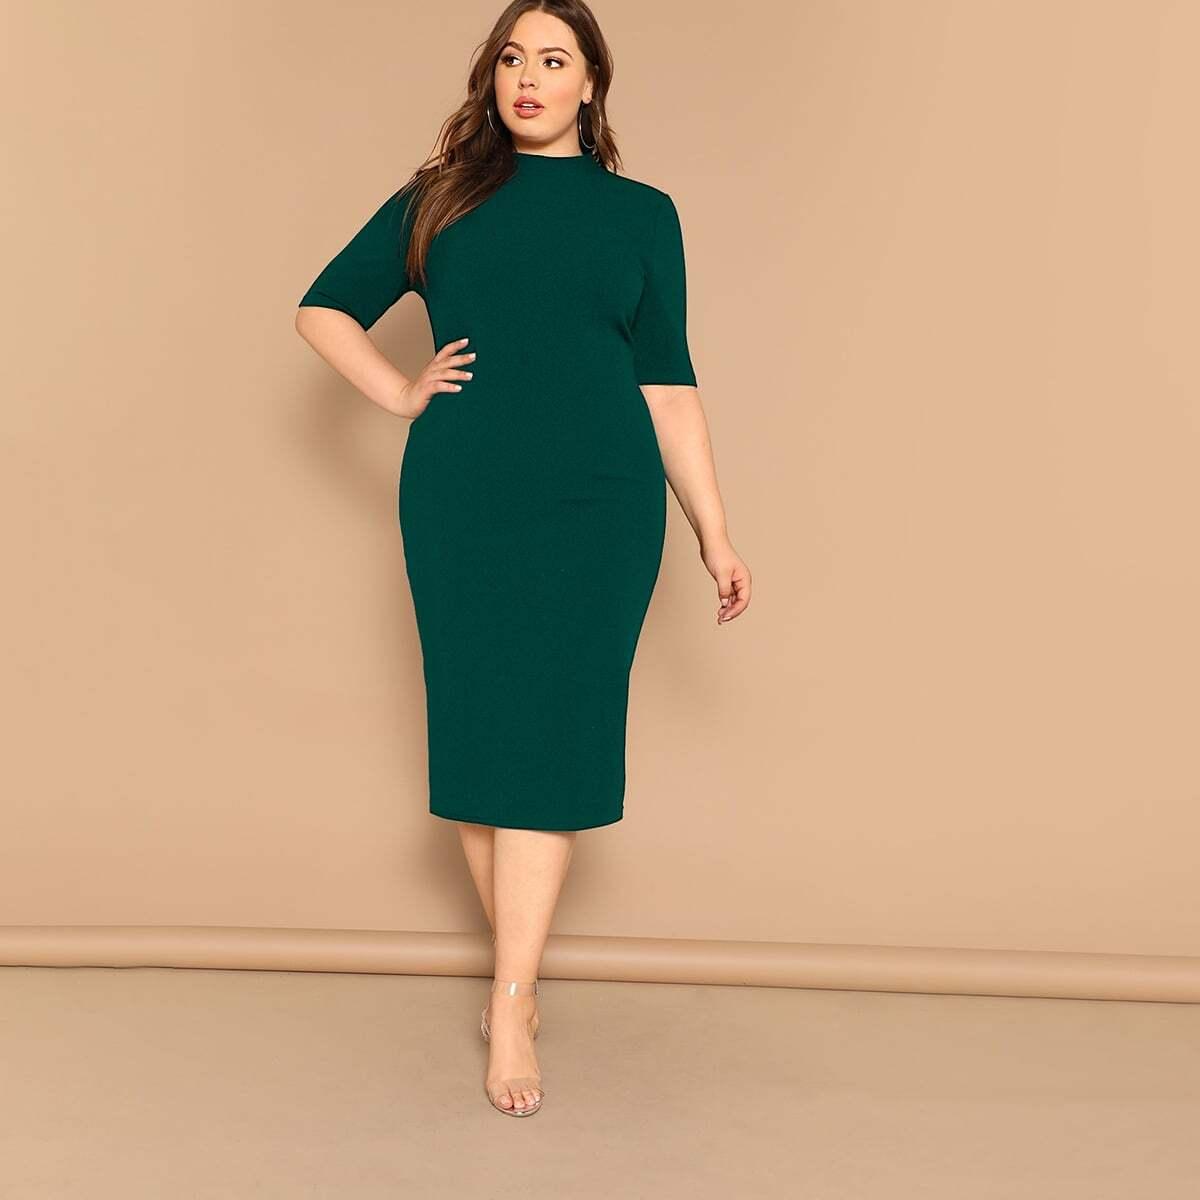 Groen Op de werkvloer Vlak Grote maten jurken